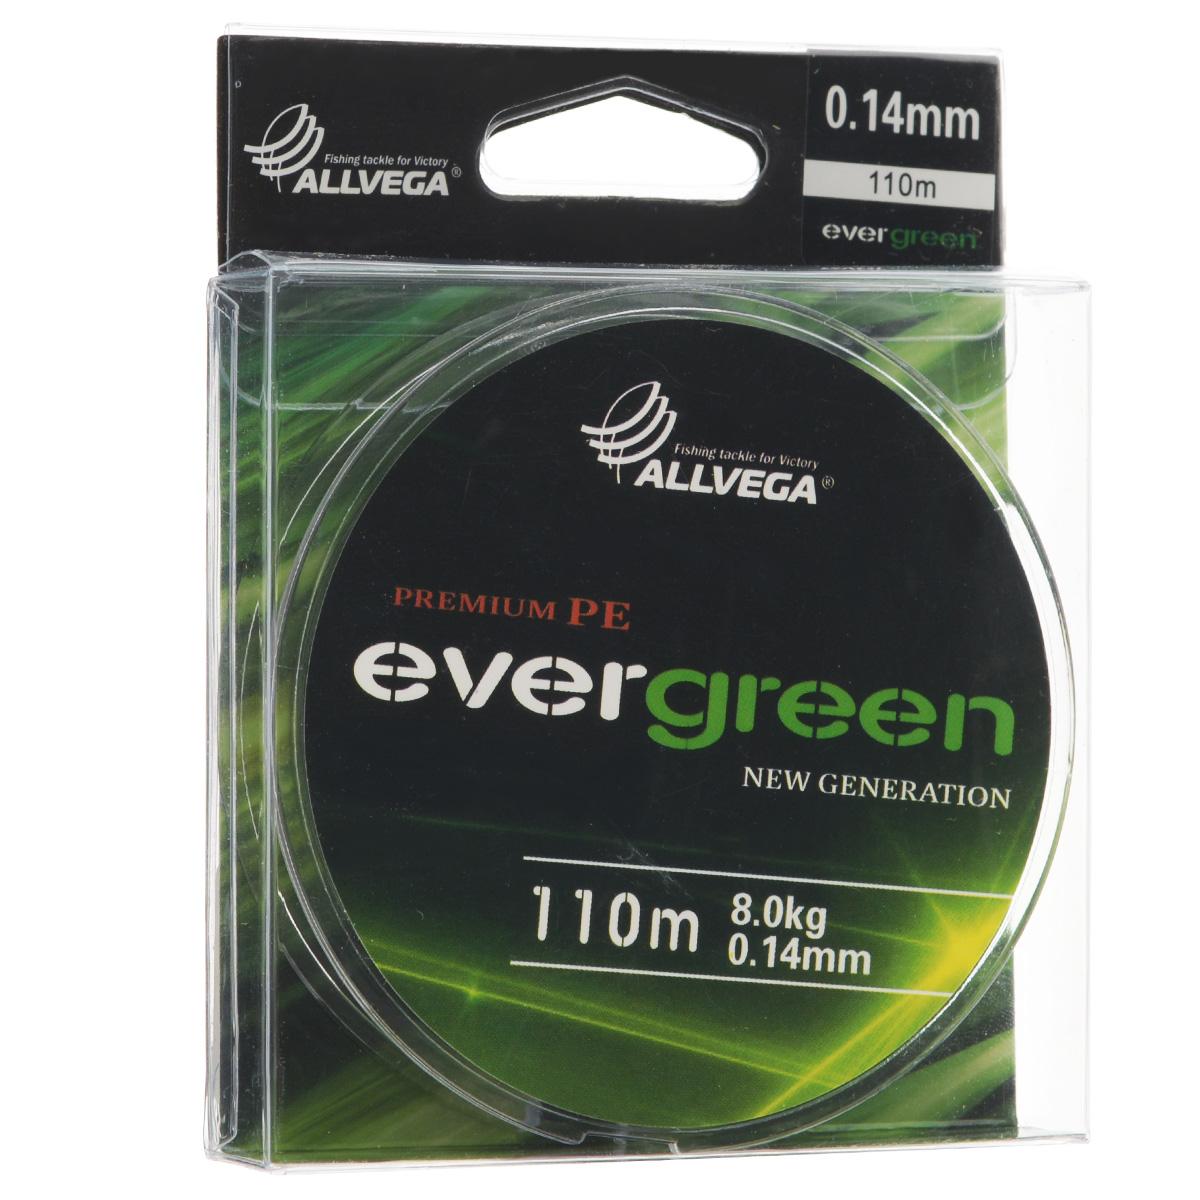 Леска плетеная Allvega Evergreen, цвет: темно-зеленый, 110 м, 0,14 мм, 8 кг стереоресивер marantz m cr511 black купить